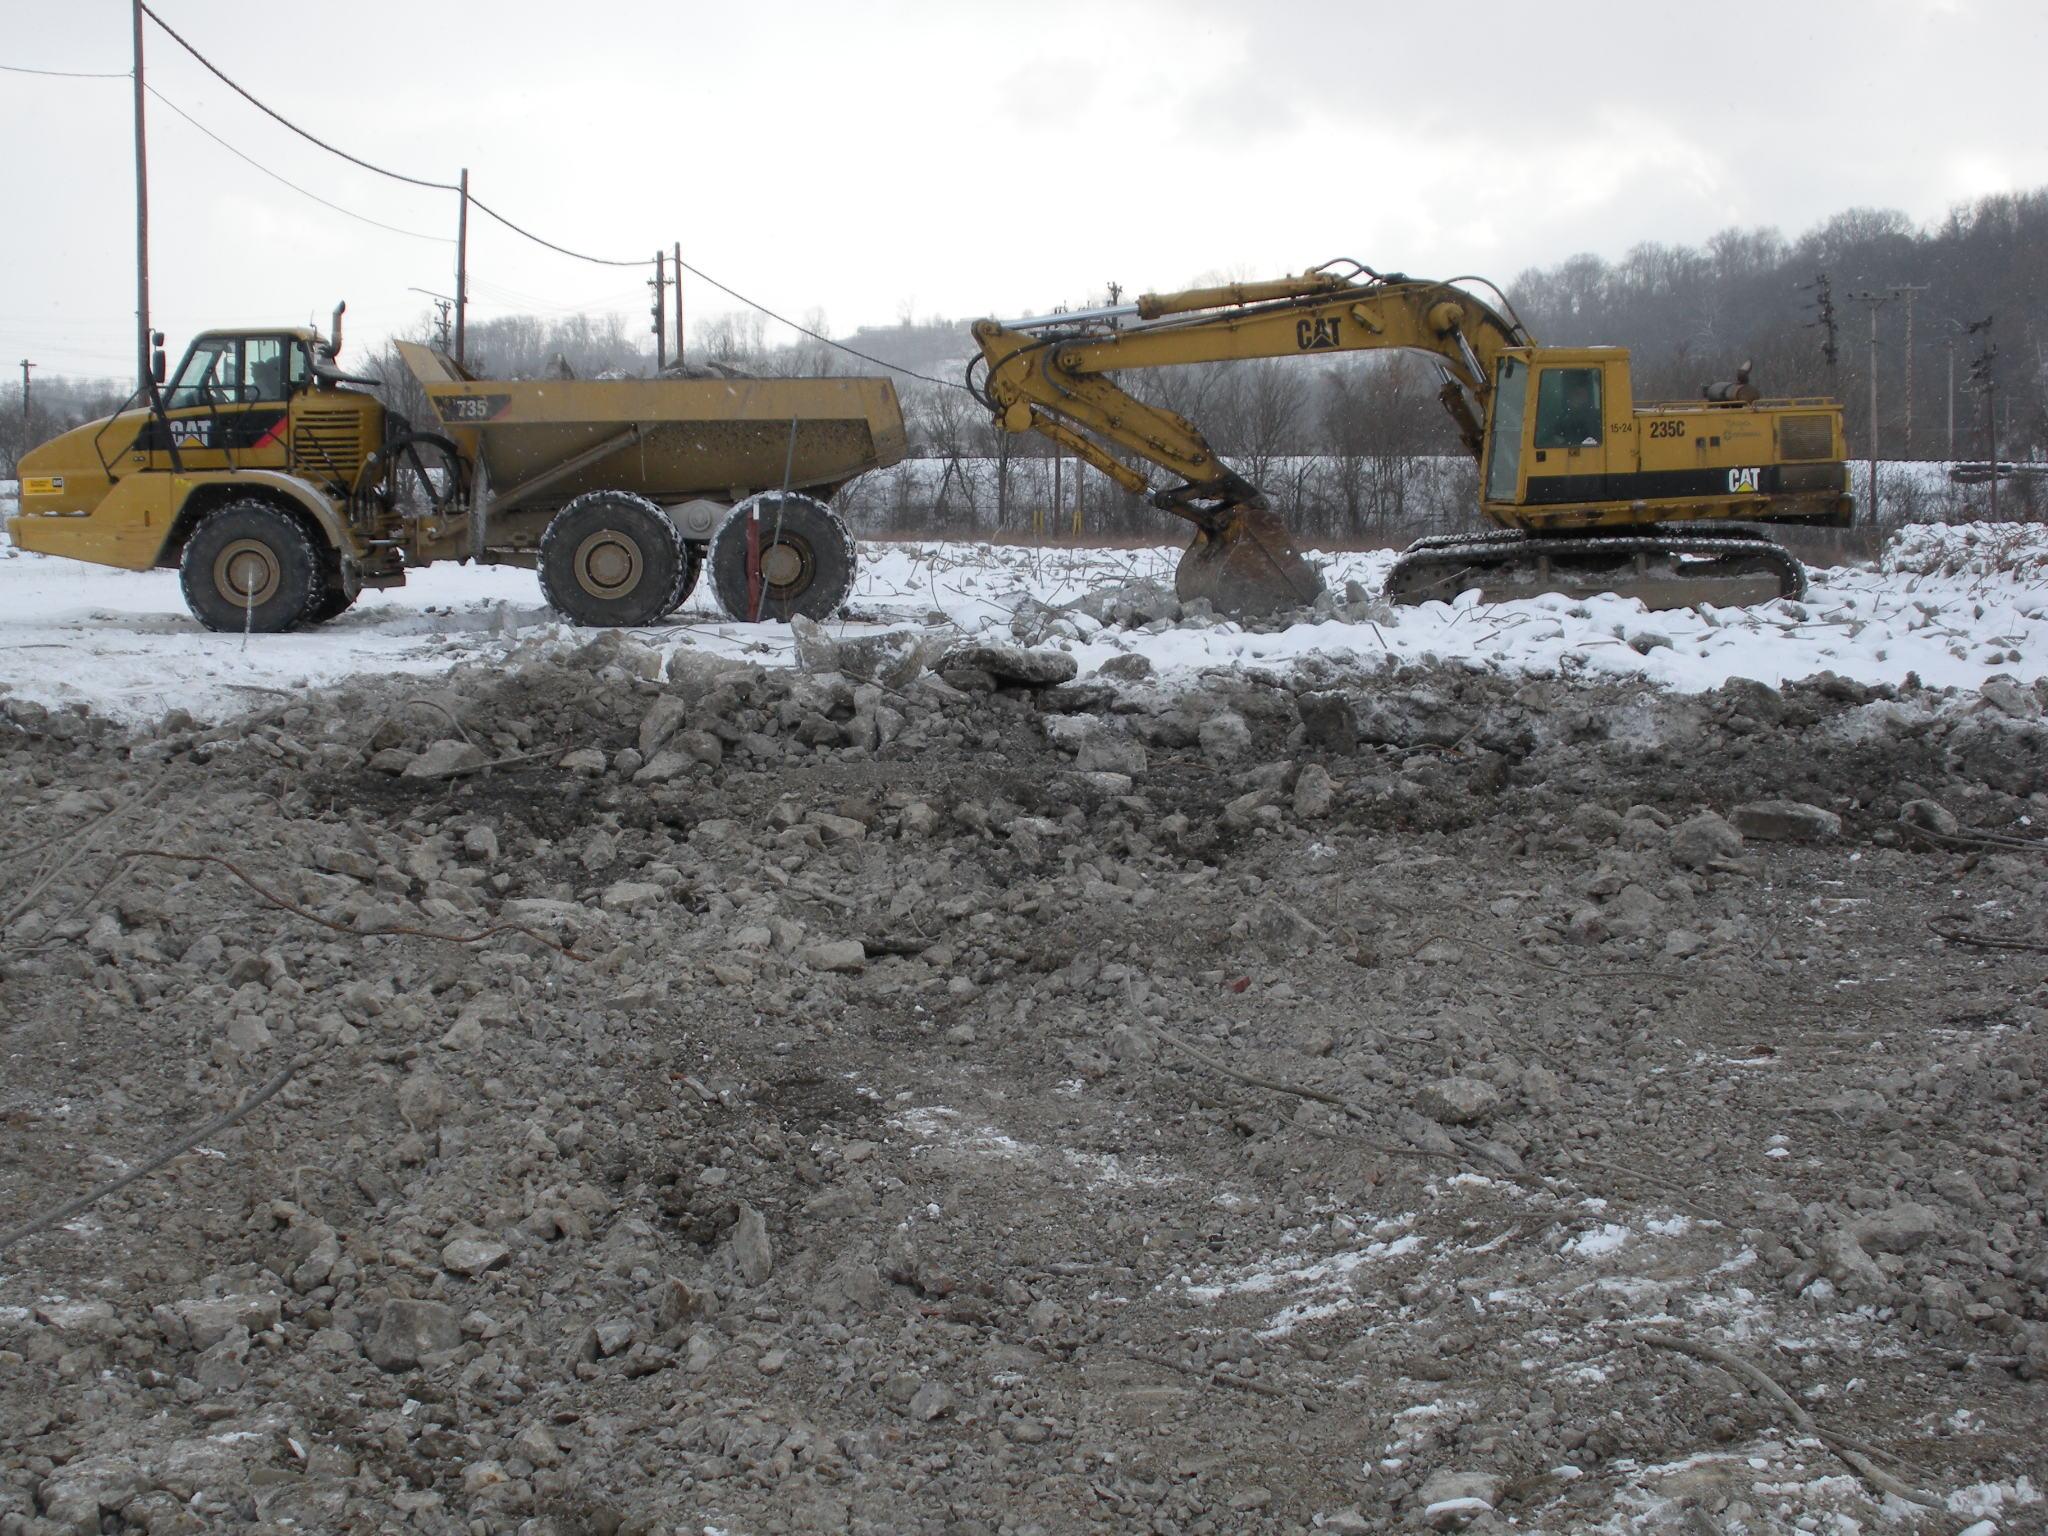 newbury-january-20-2009-002